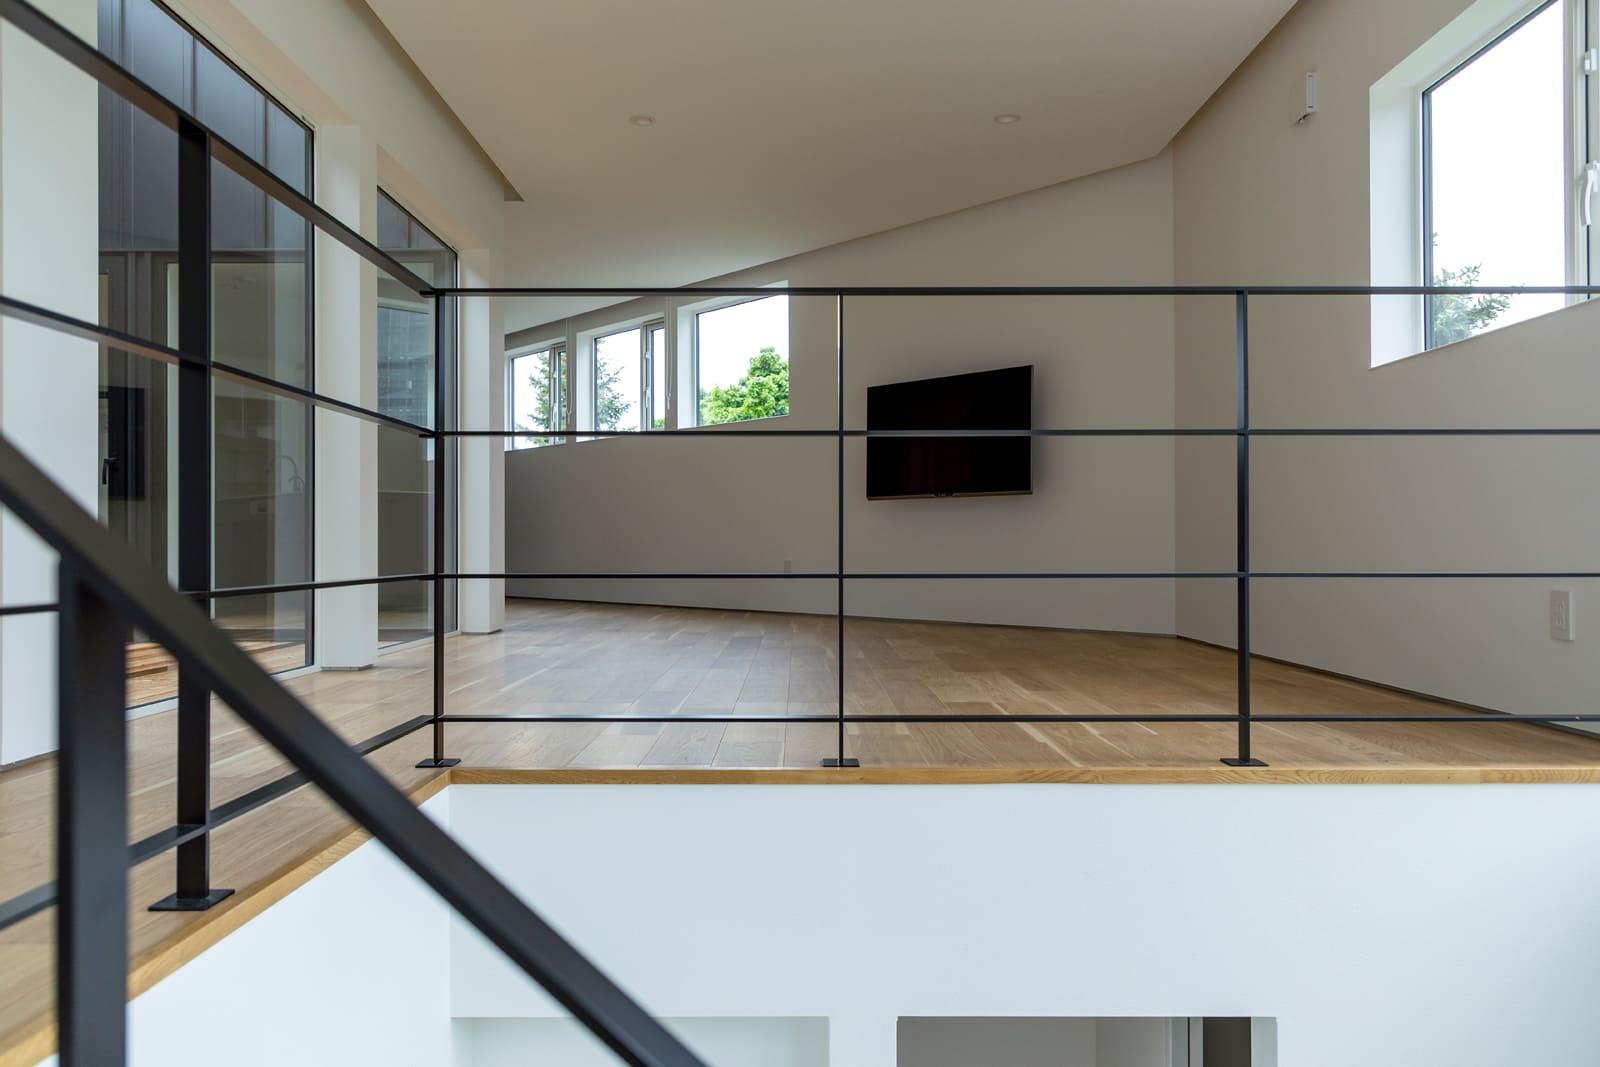 階段を上がるとLDKと光の庭が目に入る。斜めの壁がうまくキッチンを目隠ししてくれる